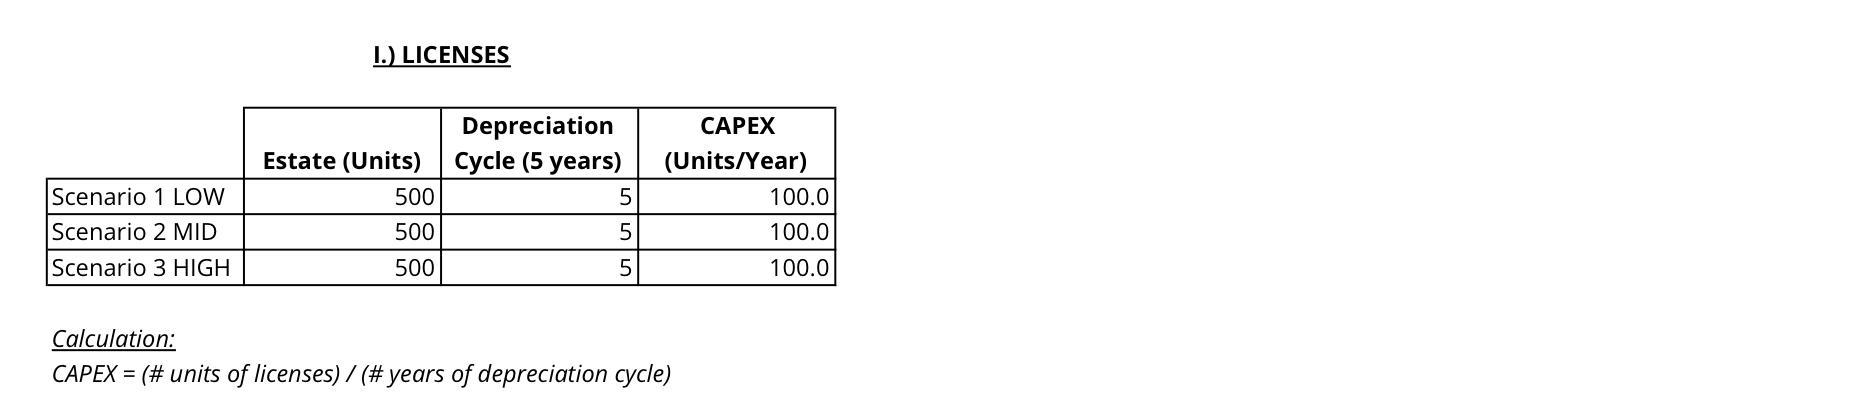 Exhibit A - License Estate Depreciation Over 5 Years